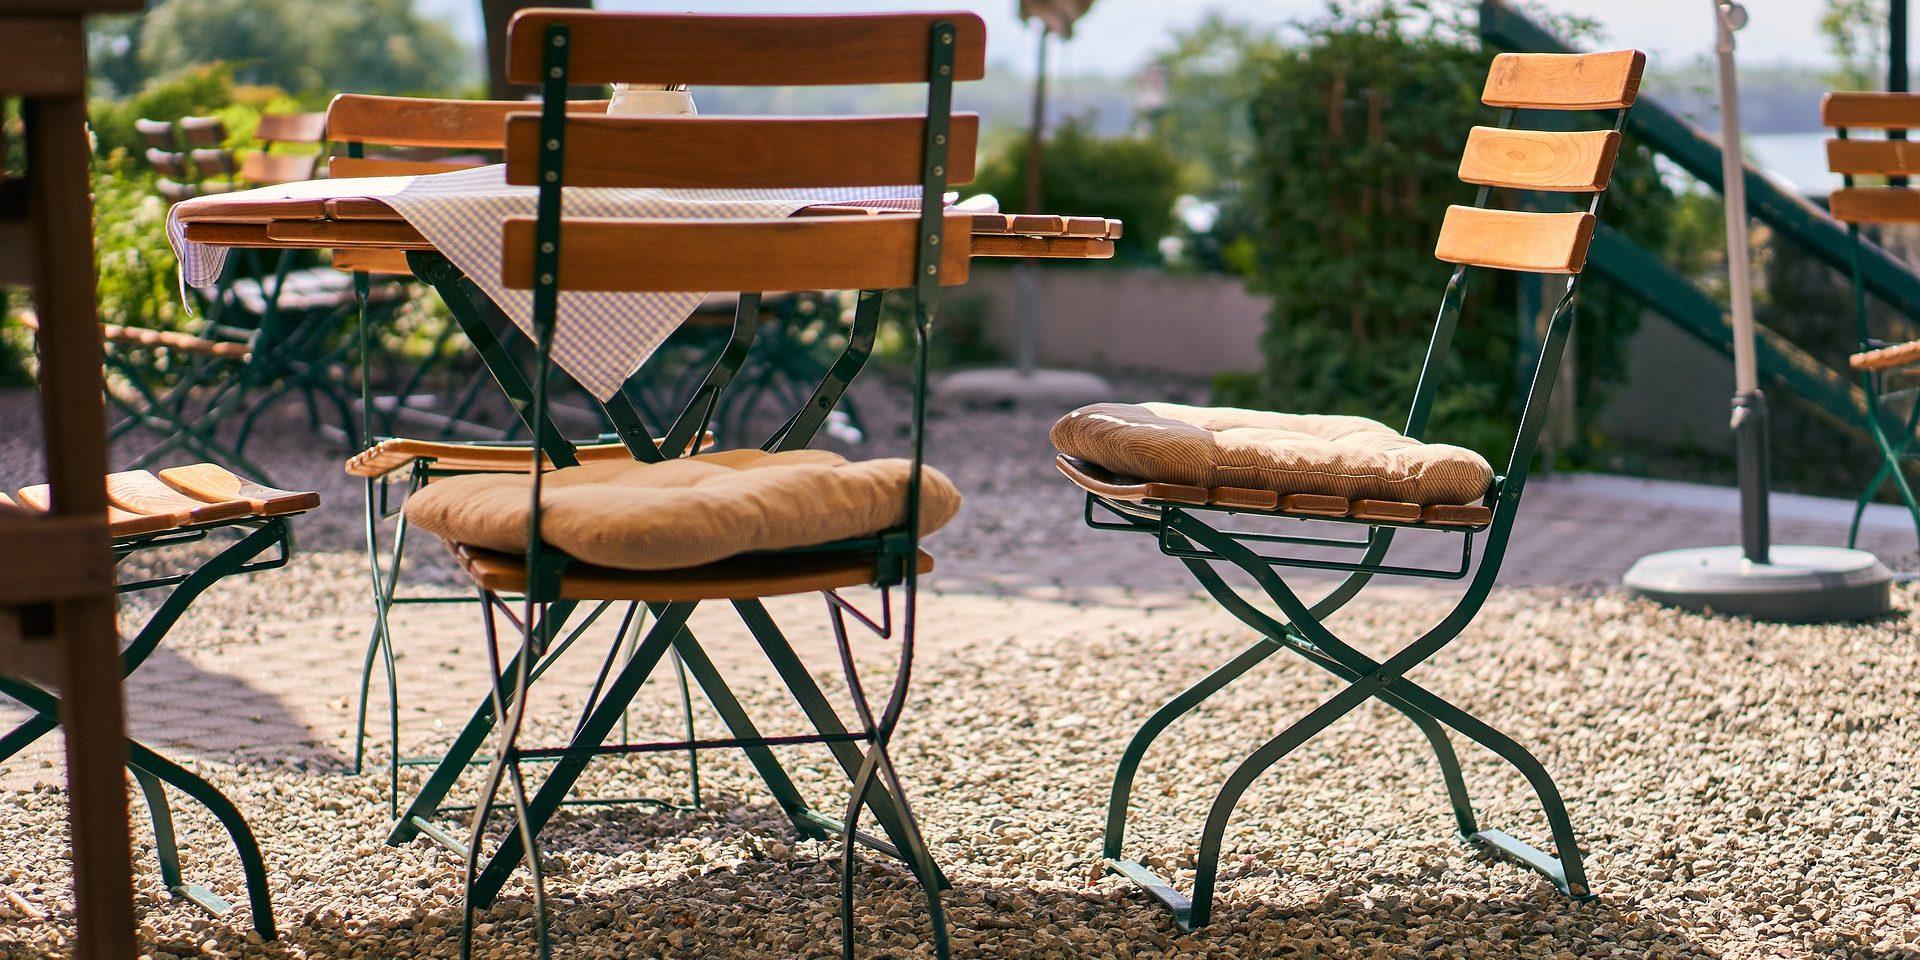 Китайская компания следила за сотрудниками при помощи подушек для стульев